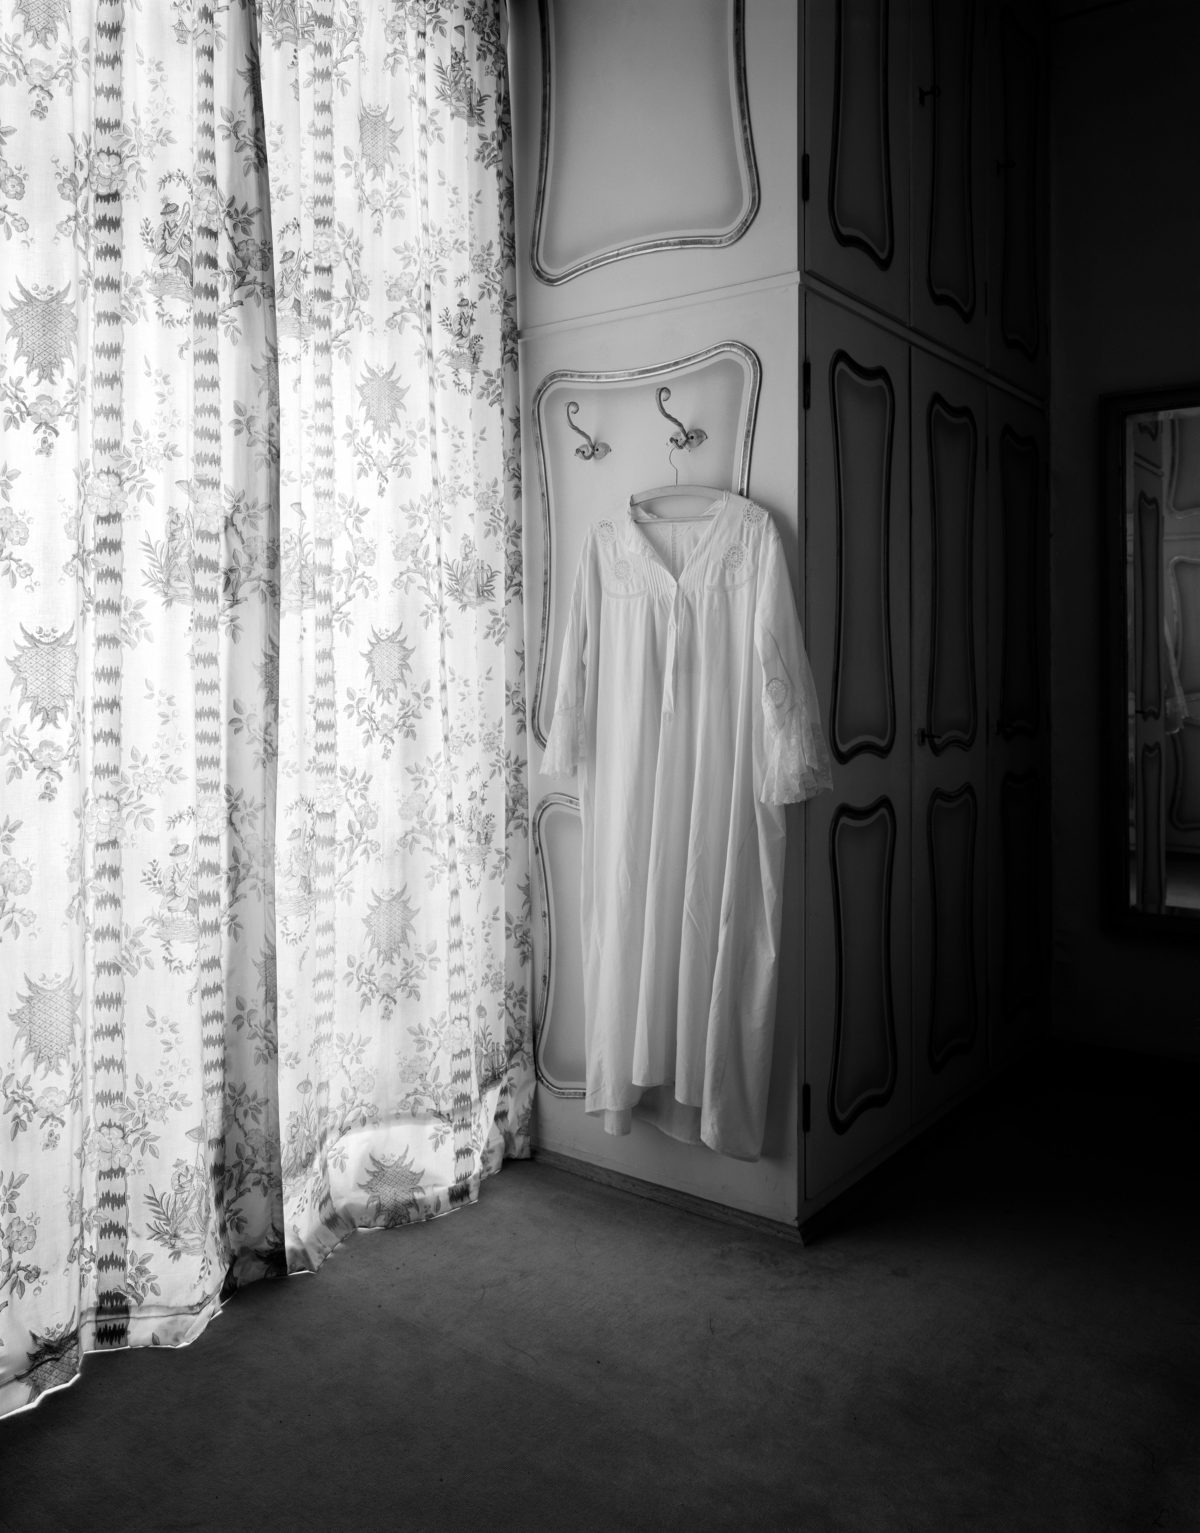 Johanna Diehl, Haus Hamberger, Rosenheim (5), 2006, Aus der Serie: Gefrorene Räume, Silbergelatineabzug, Sammlung Ann Wilde, Zülpich © Johanna Diehl